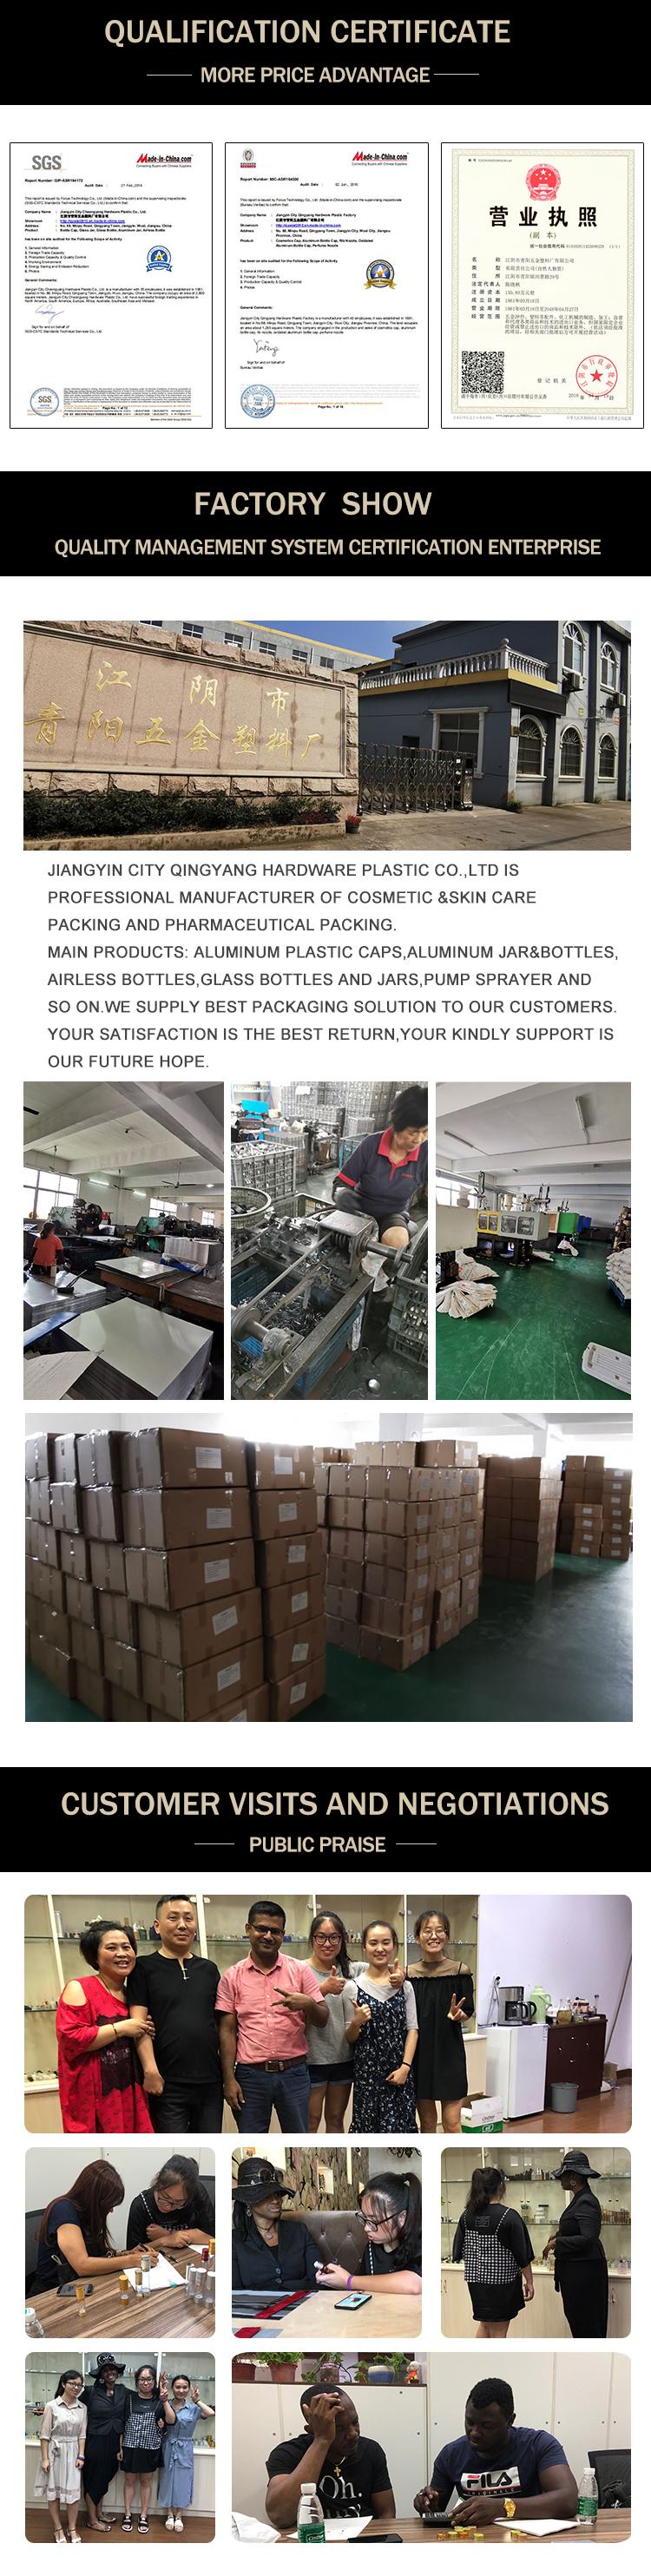 15ミリリットル30ミリリットル50ミリリットルエアレスポンプボトル、ローションクリームボトル、化粧品ボトル包装用クリーム